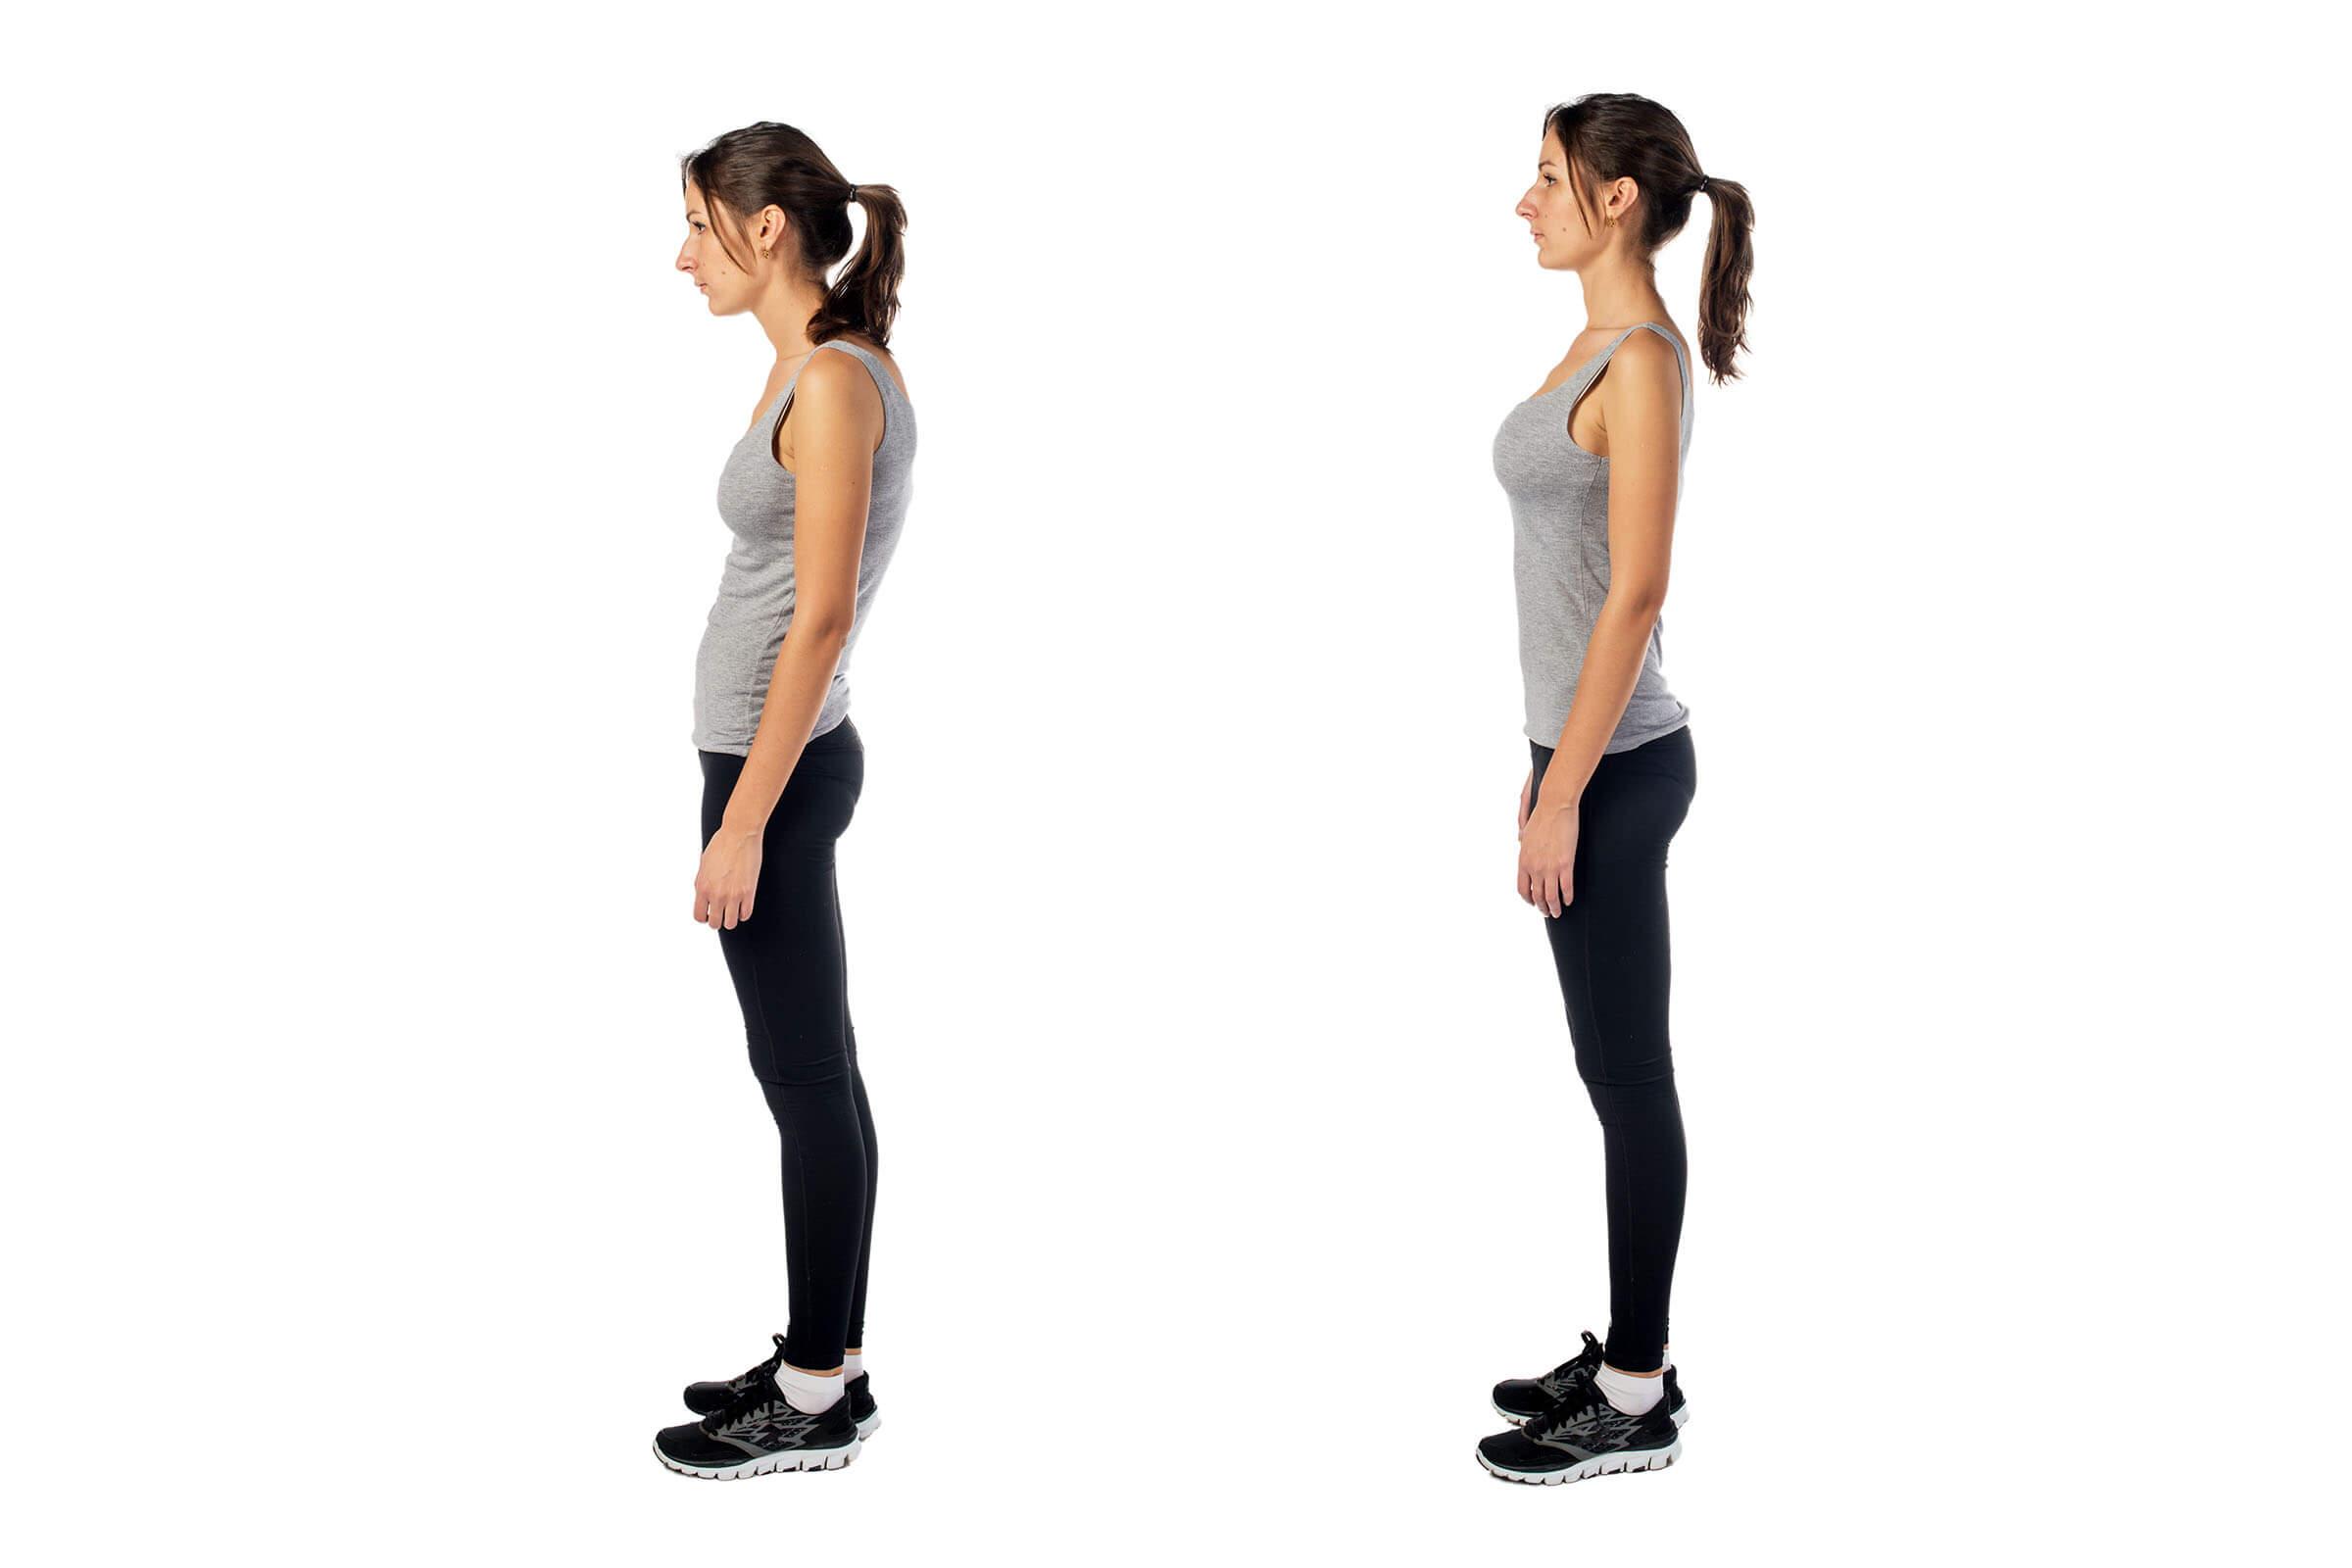 posture-new